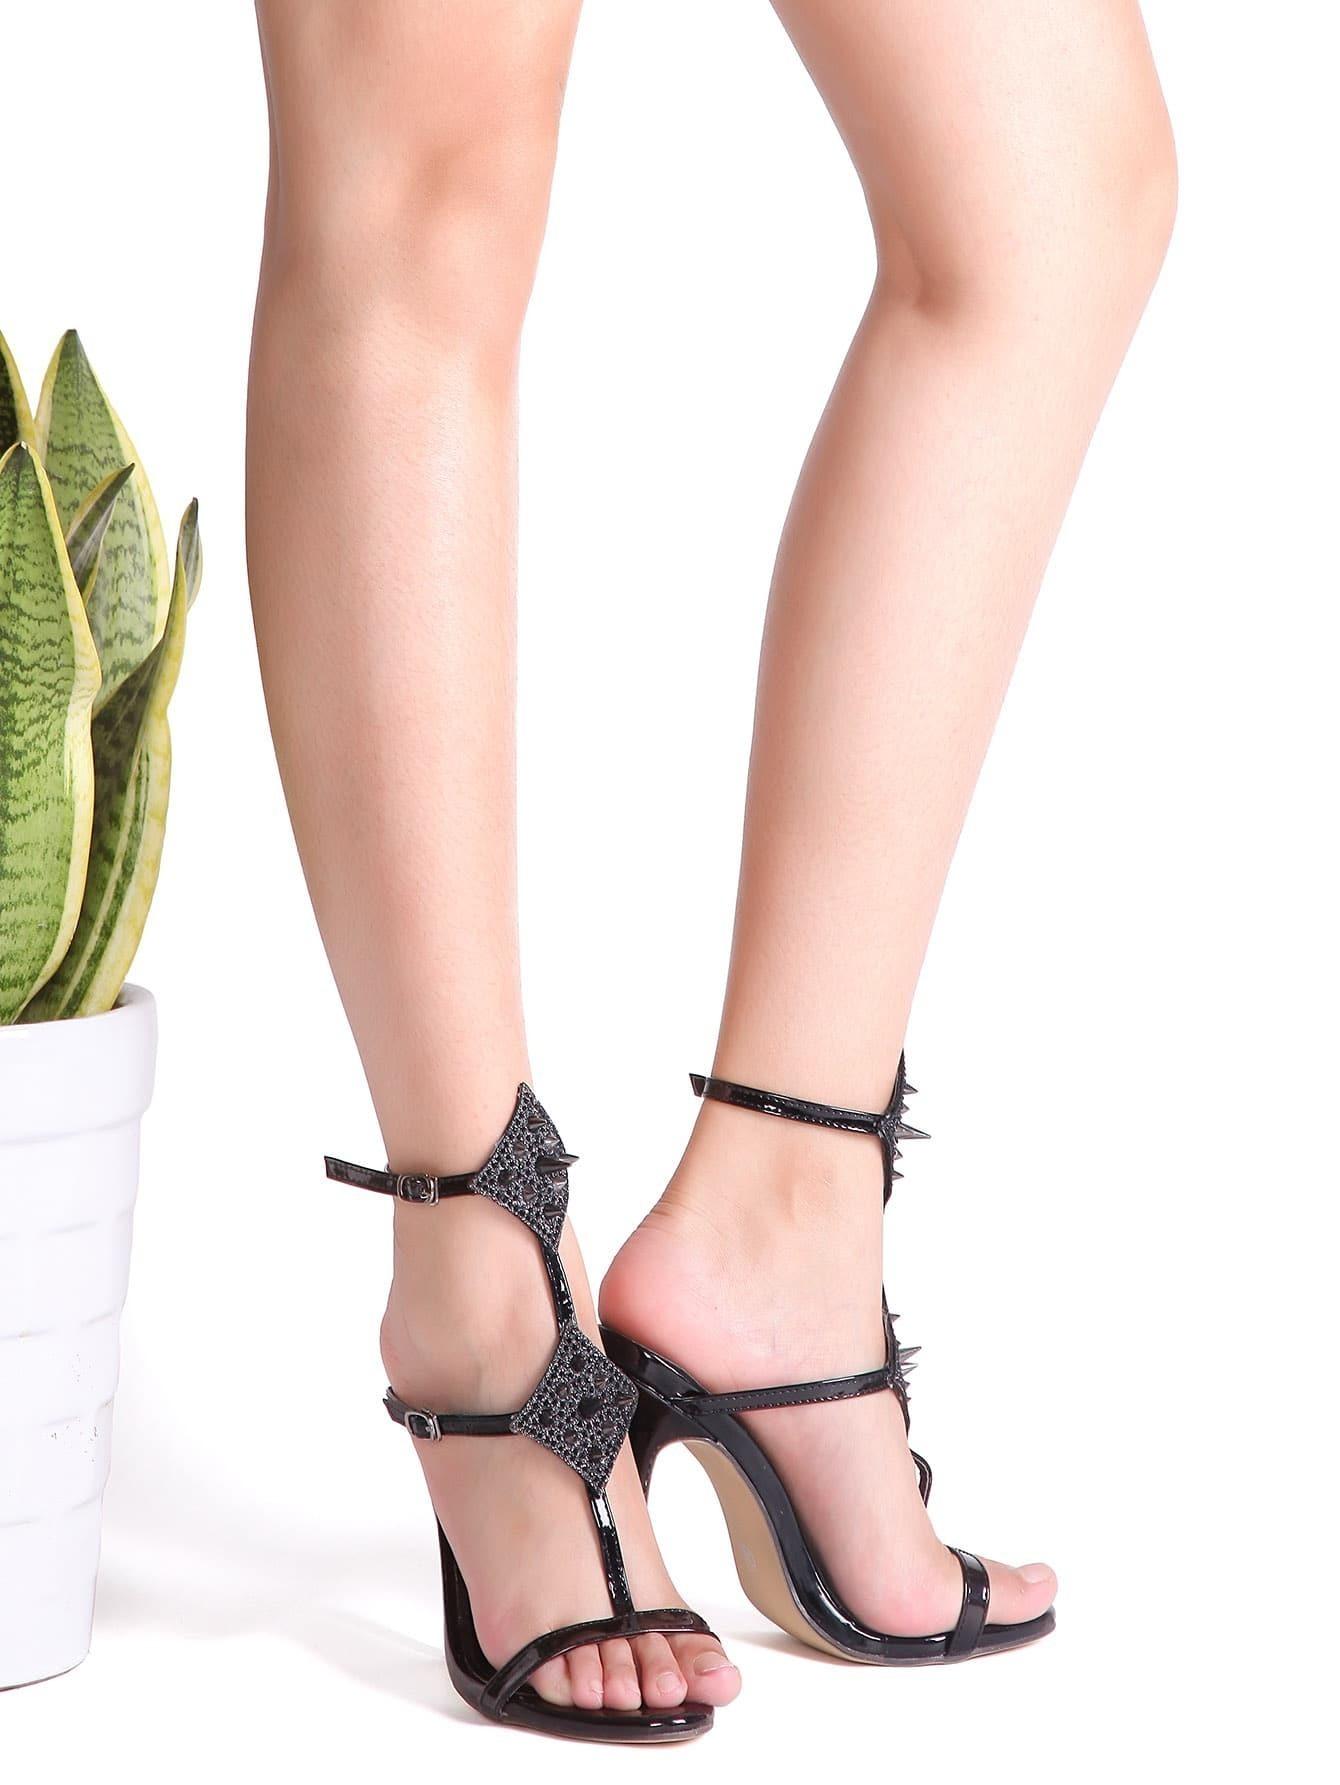 schwarze nieten verzierte sandalen mit hohem absatz. Black Bedroom Furniture Sets. Home Design Ideas